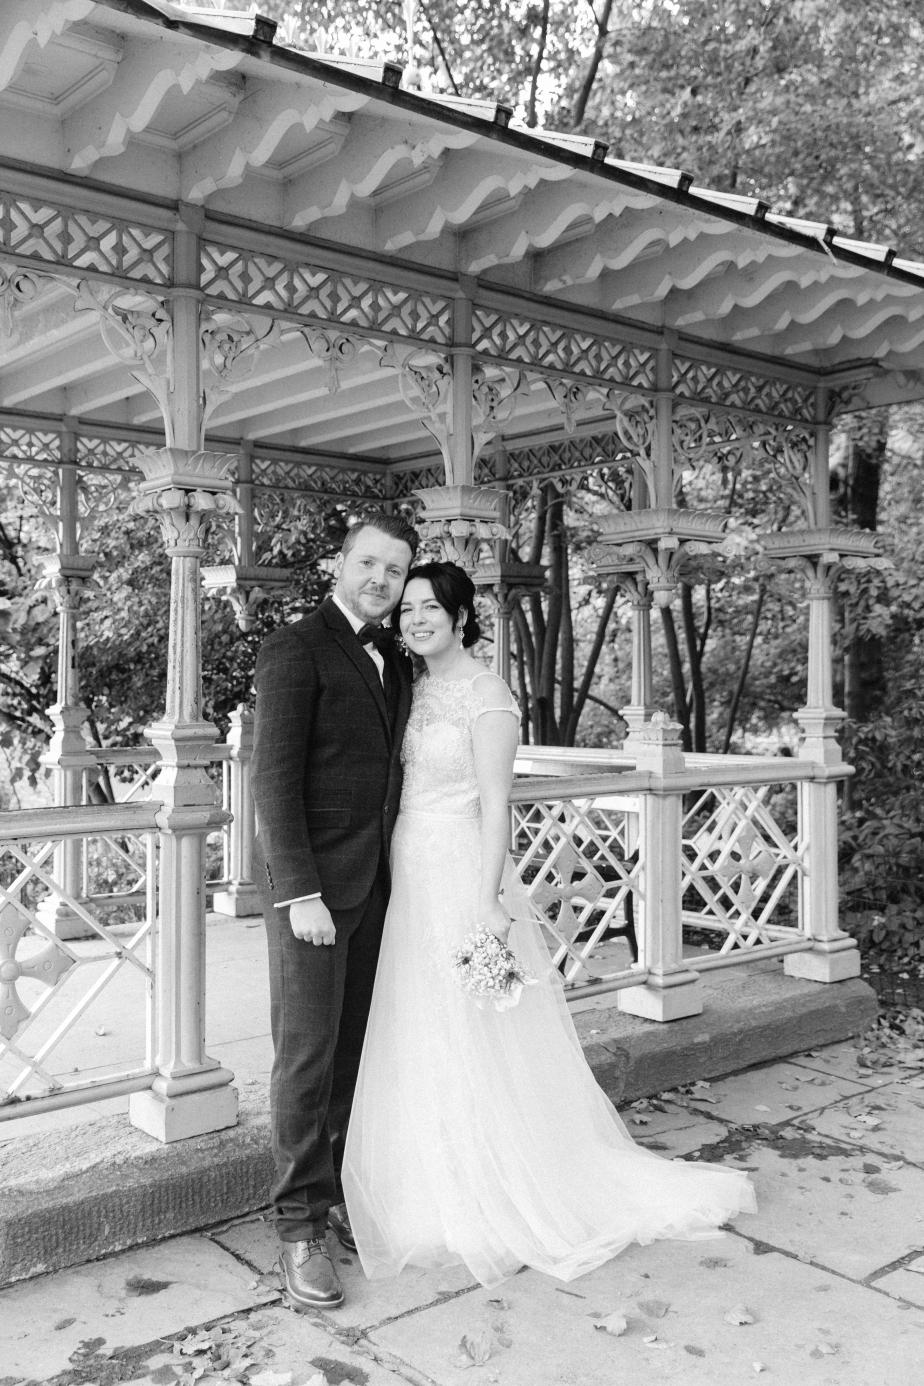 NYC-Central-Park-Wedding-LS-173 - Copy